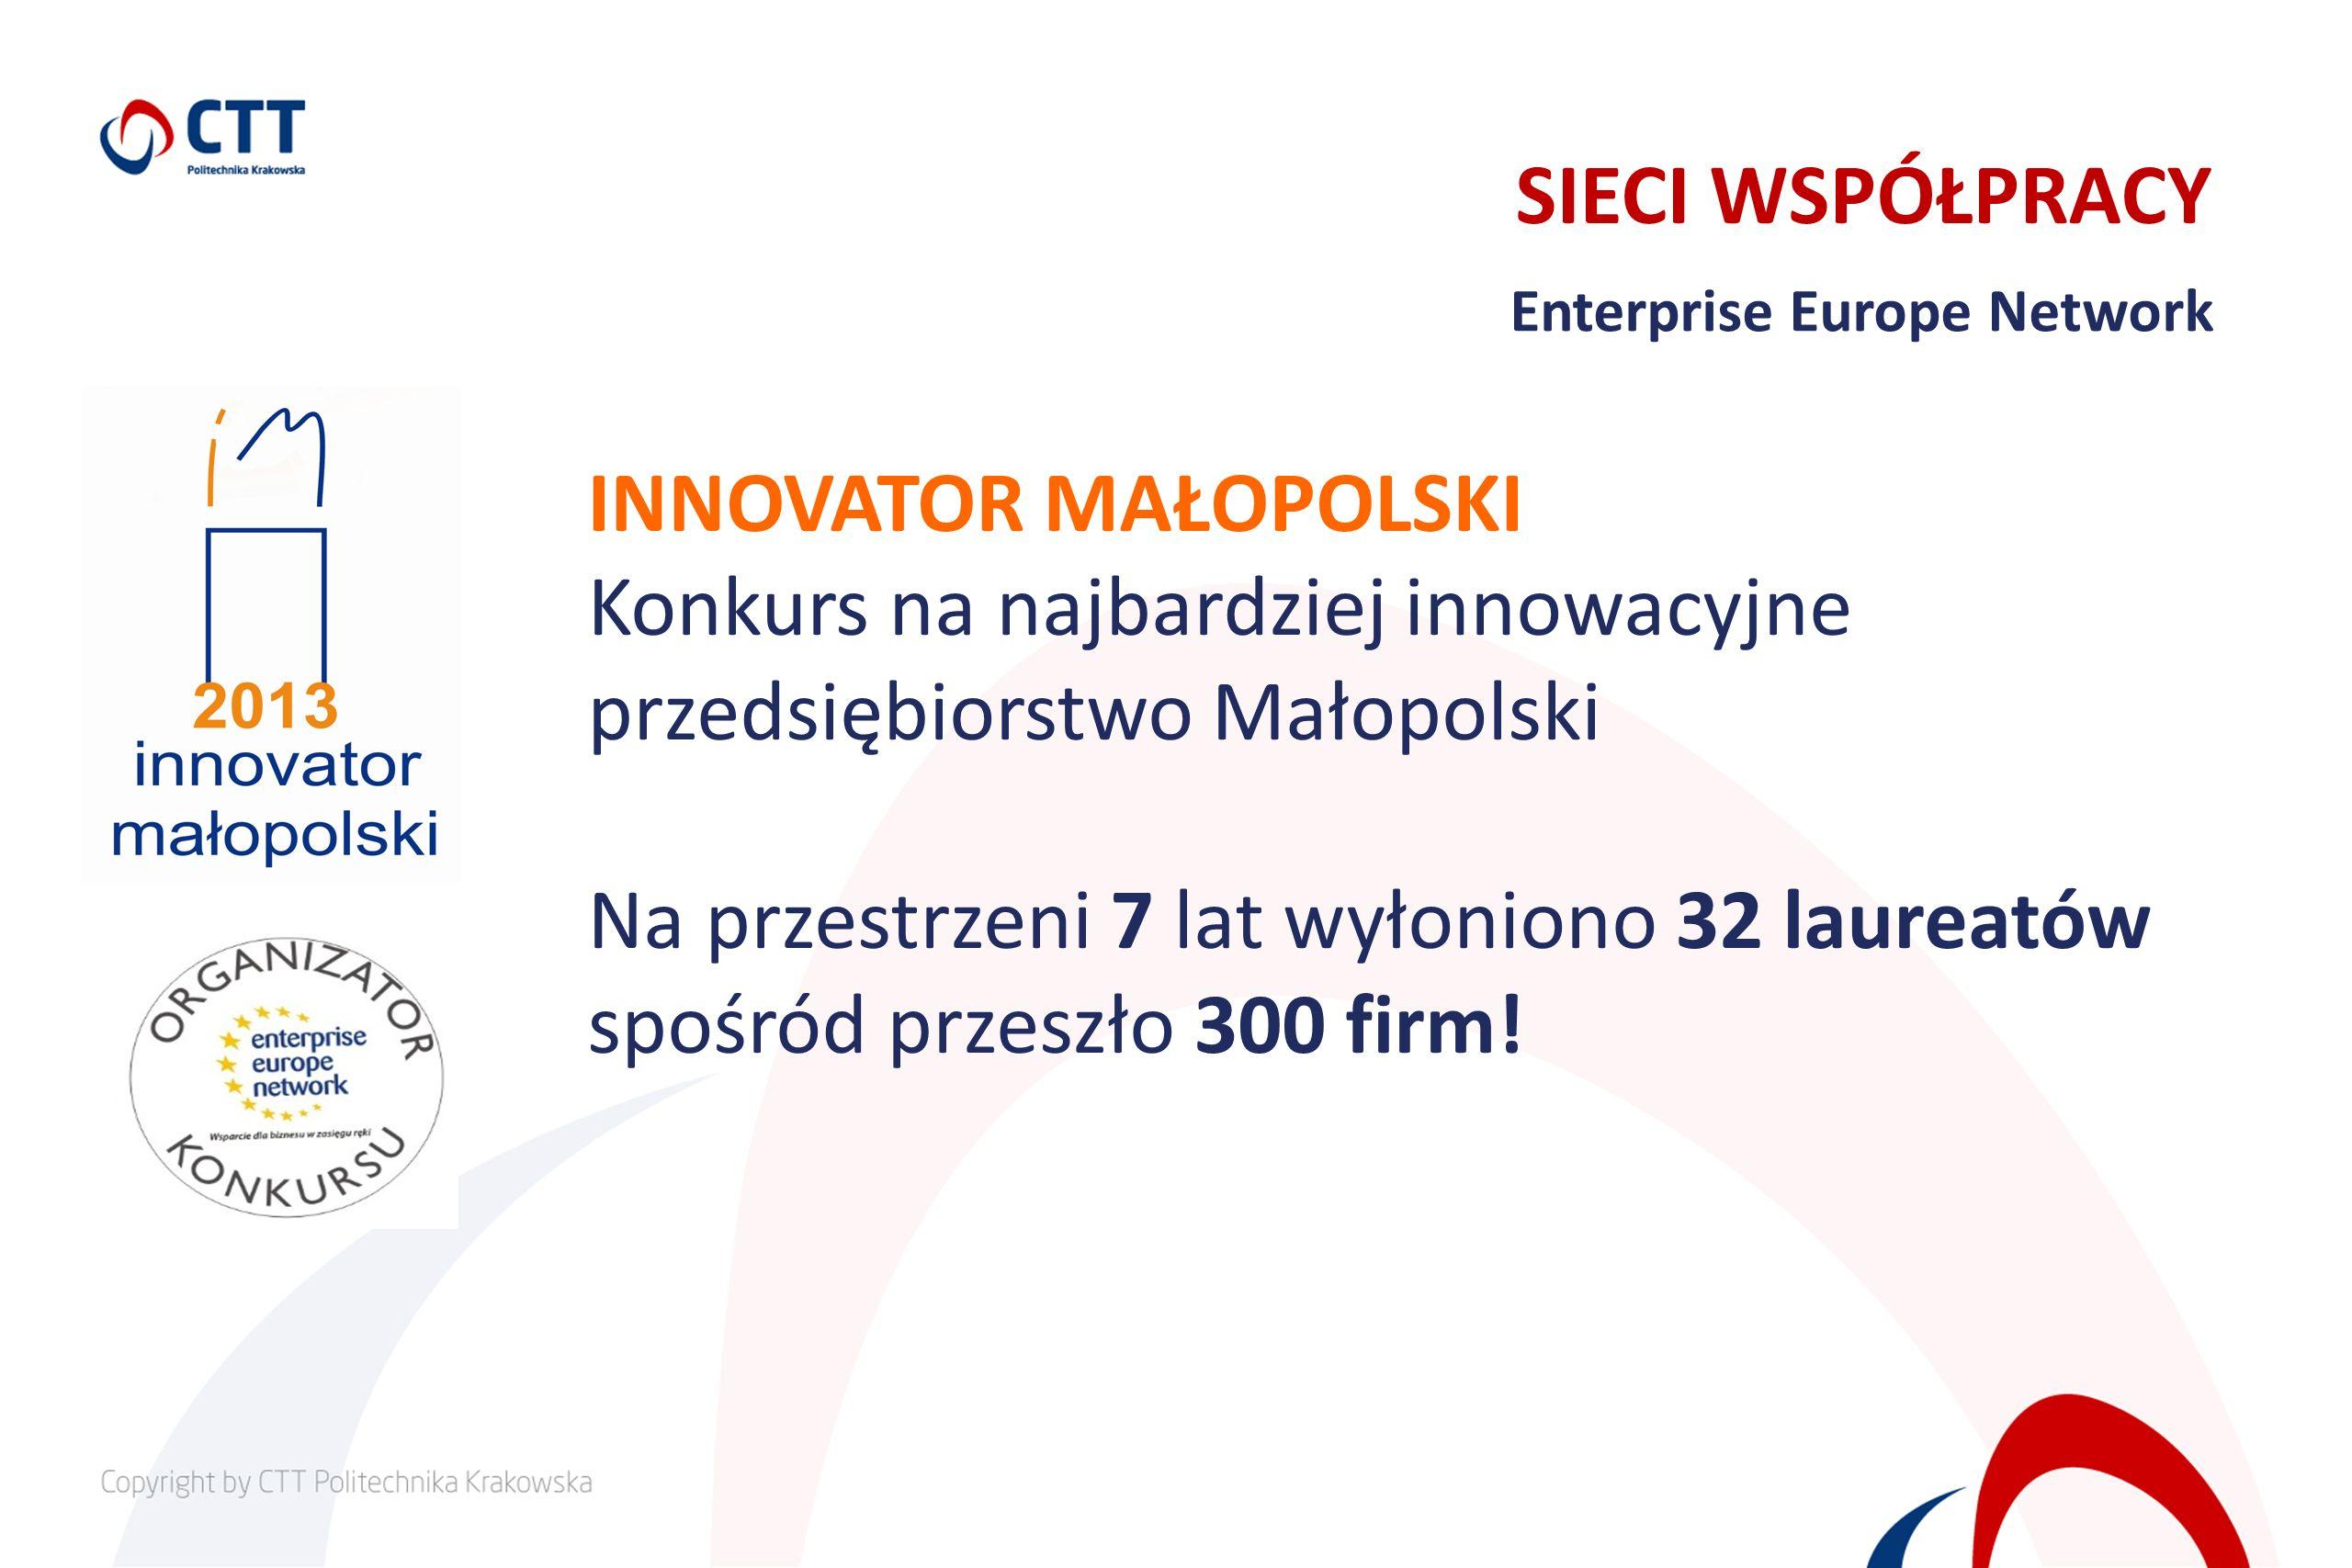 SIECI WSPÓŁPRACY Enterprise Europe Network INNOVATOR MAŁOPOLSKI Konkurs na najbardziej innowacyjne przedsiębiorstwo Małopolski Na przestrzeni 7 lat wy